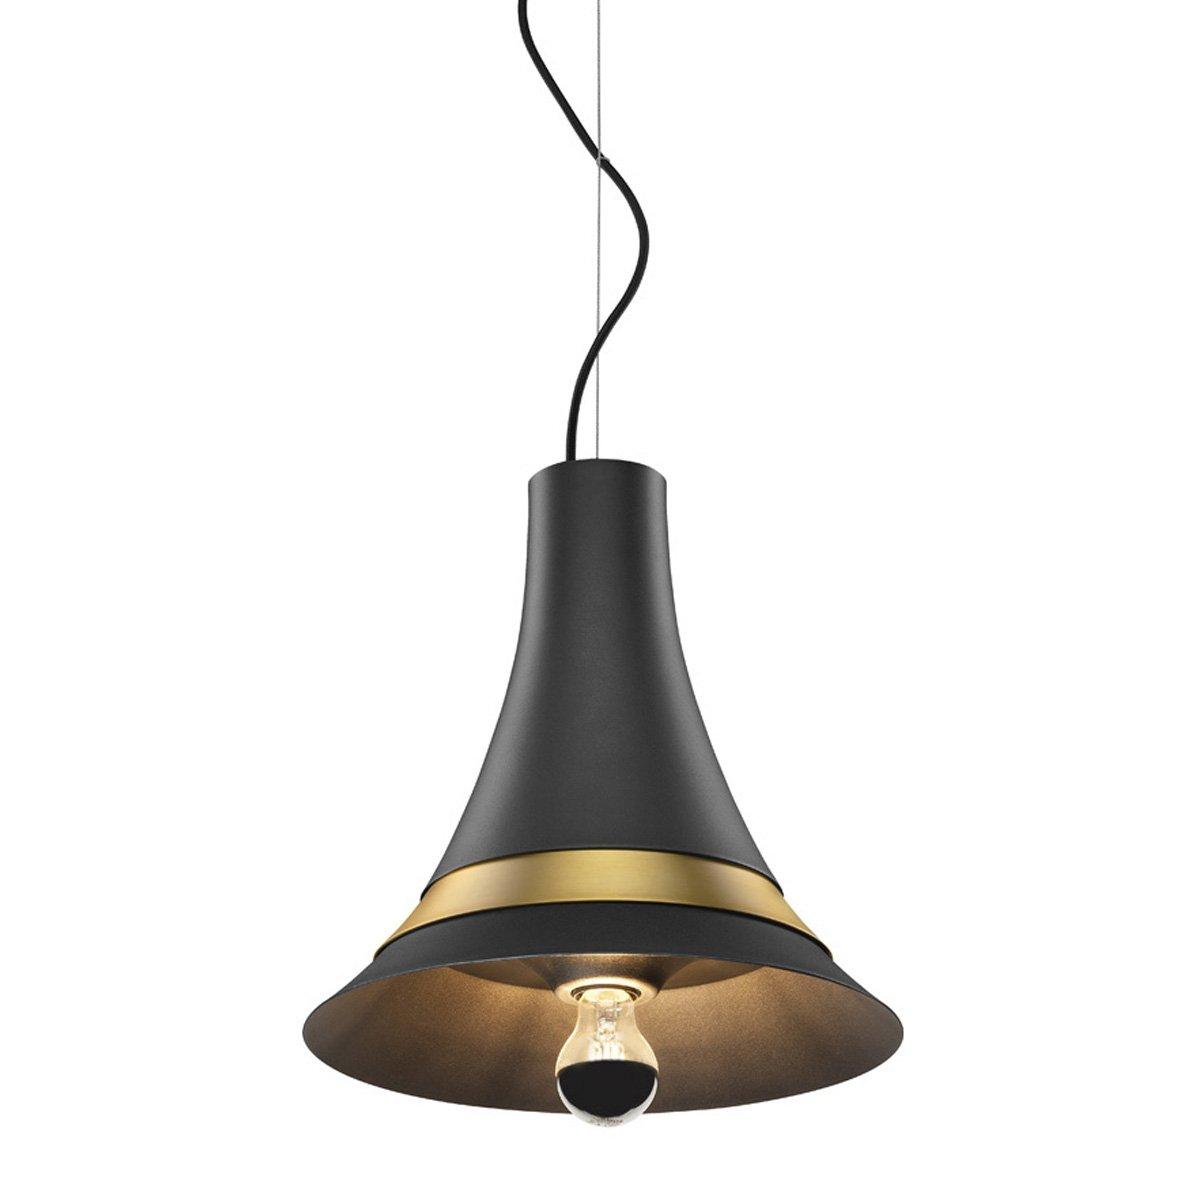 SLV - verlichting Hanglamp Bato SLV. 1001266